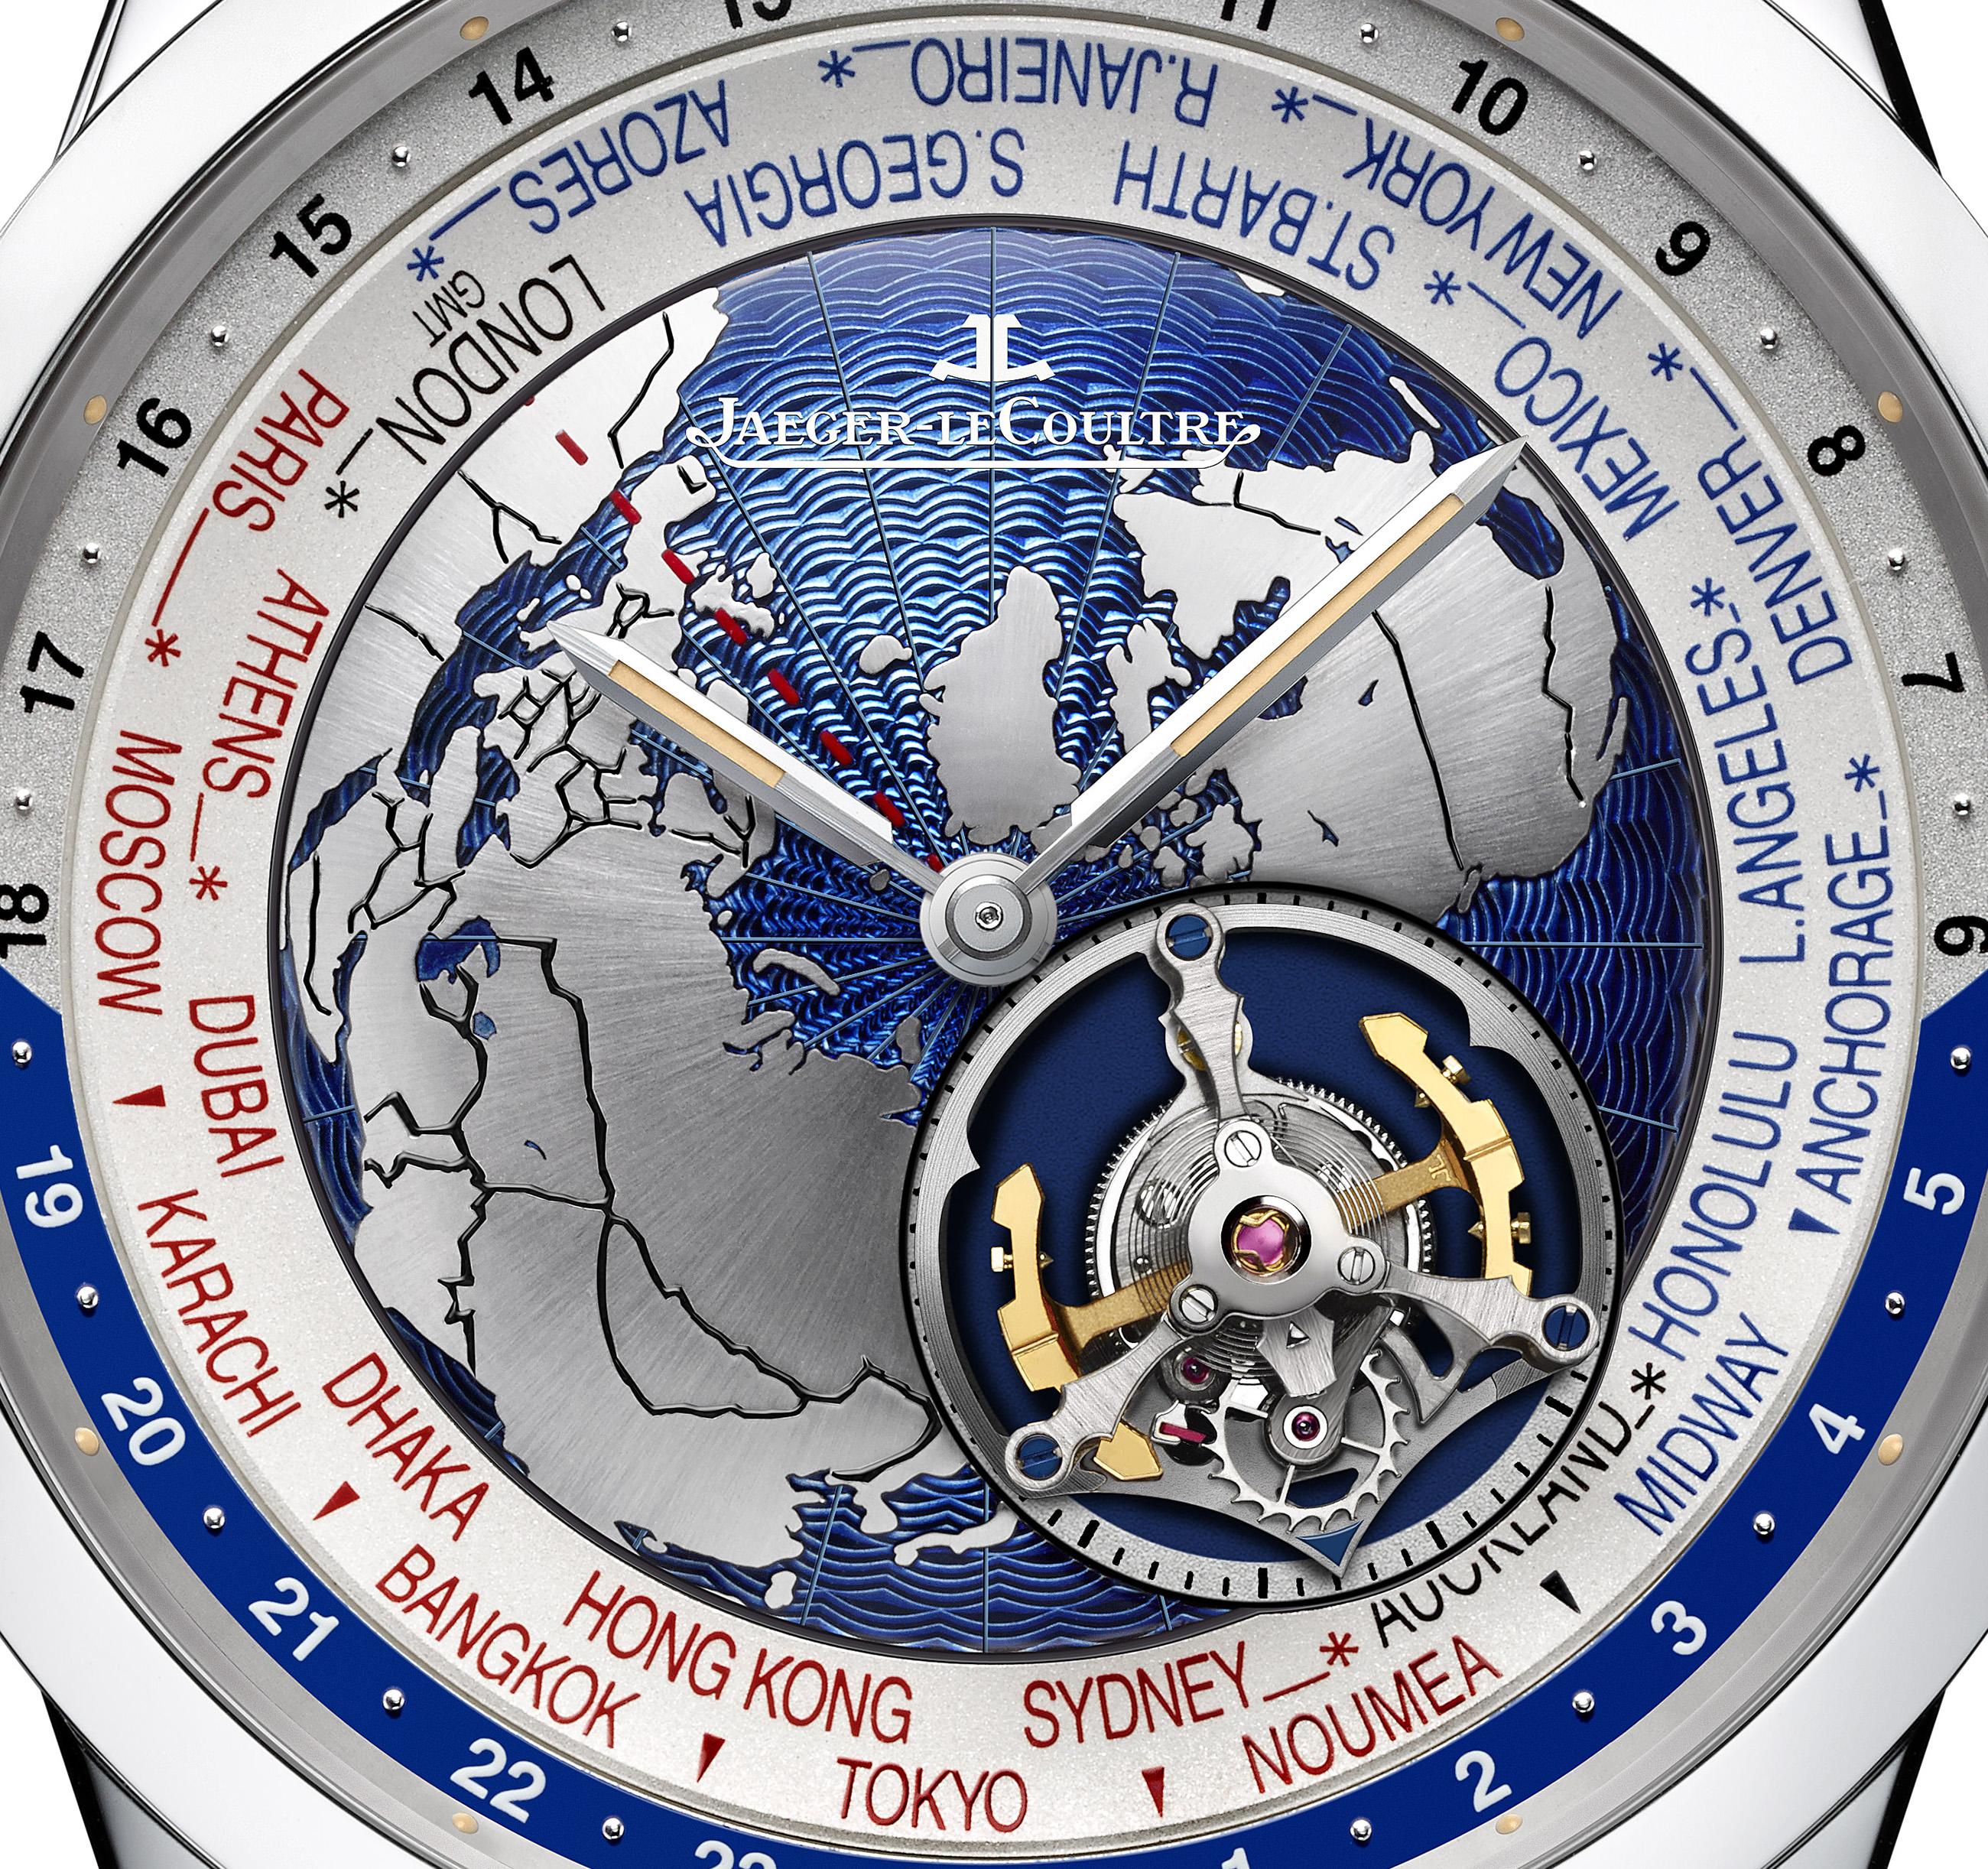 Jaeger-LeCoultre Geophysic Tourbillon Universal Time_close-up dial copy